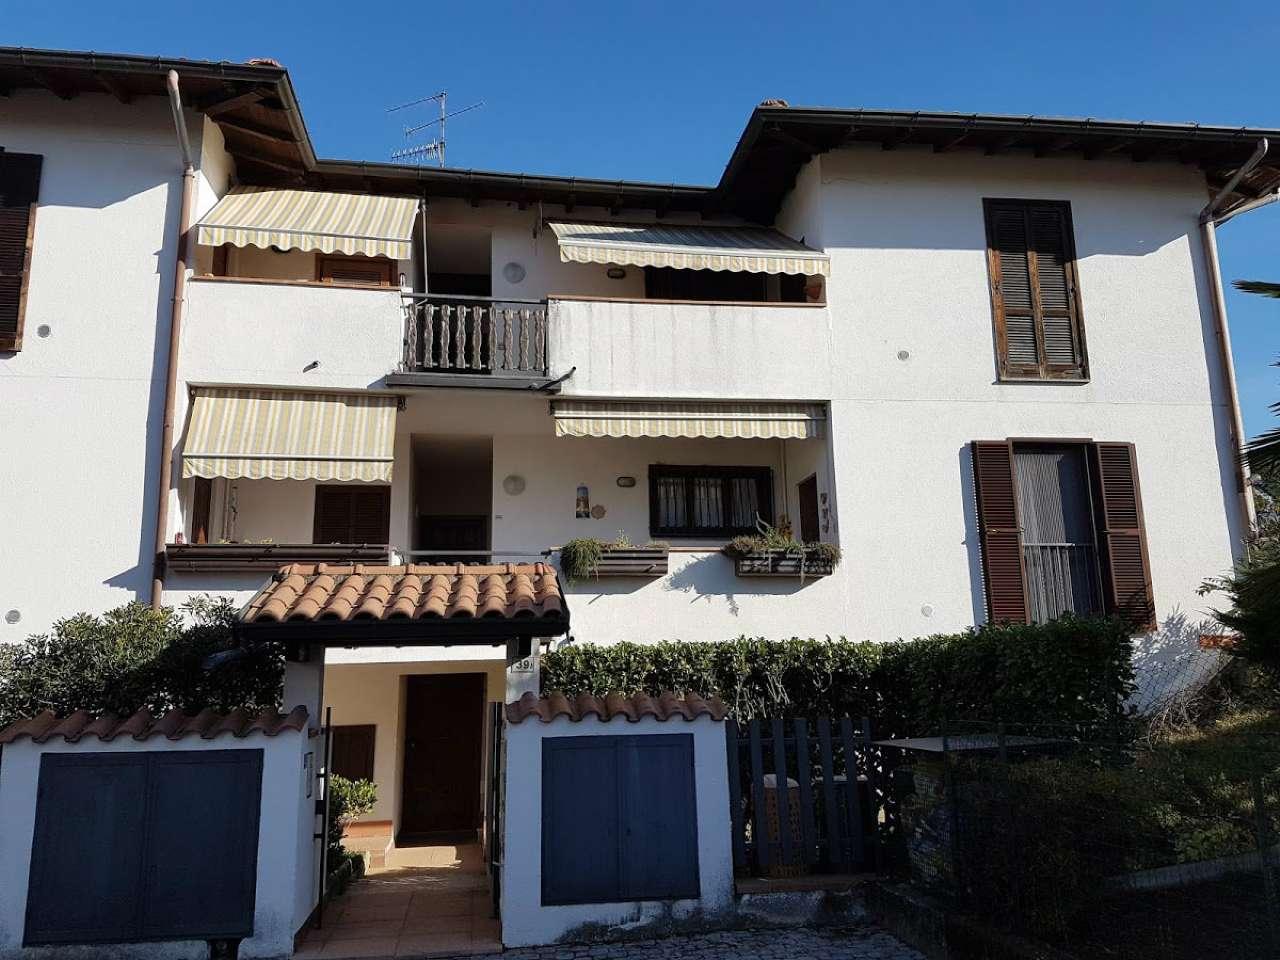 Appartamento in vendita a Morazzone, 2 locali, prezzo € 95.000 | CambioCasa.it